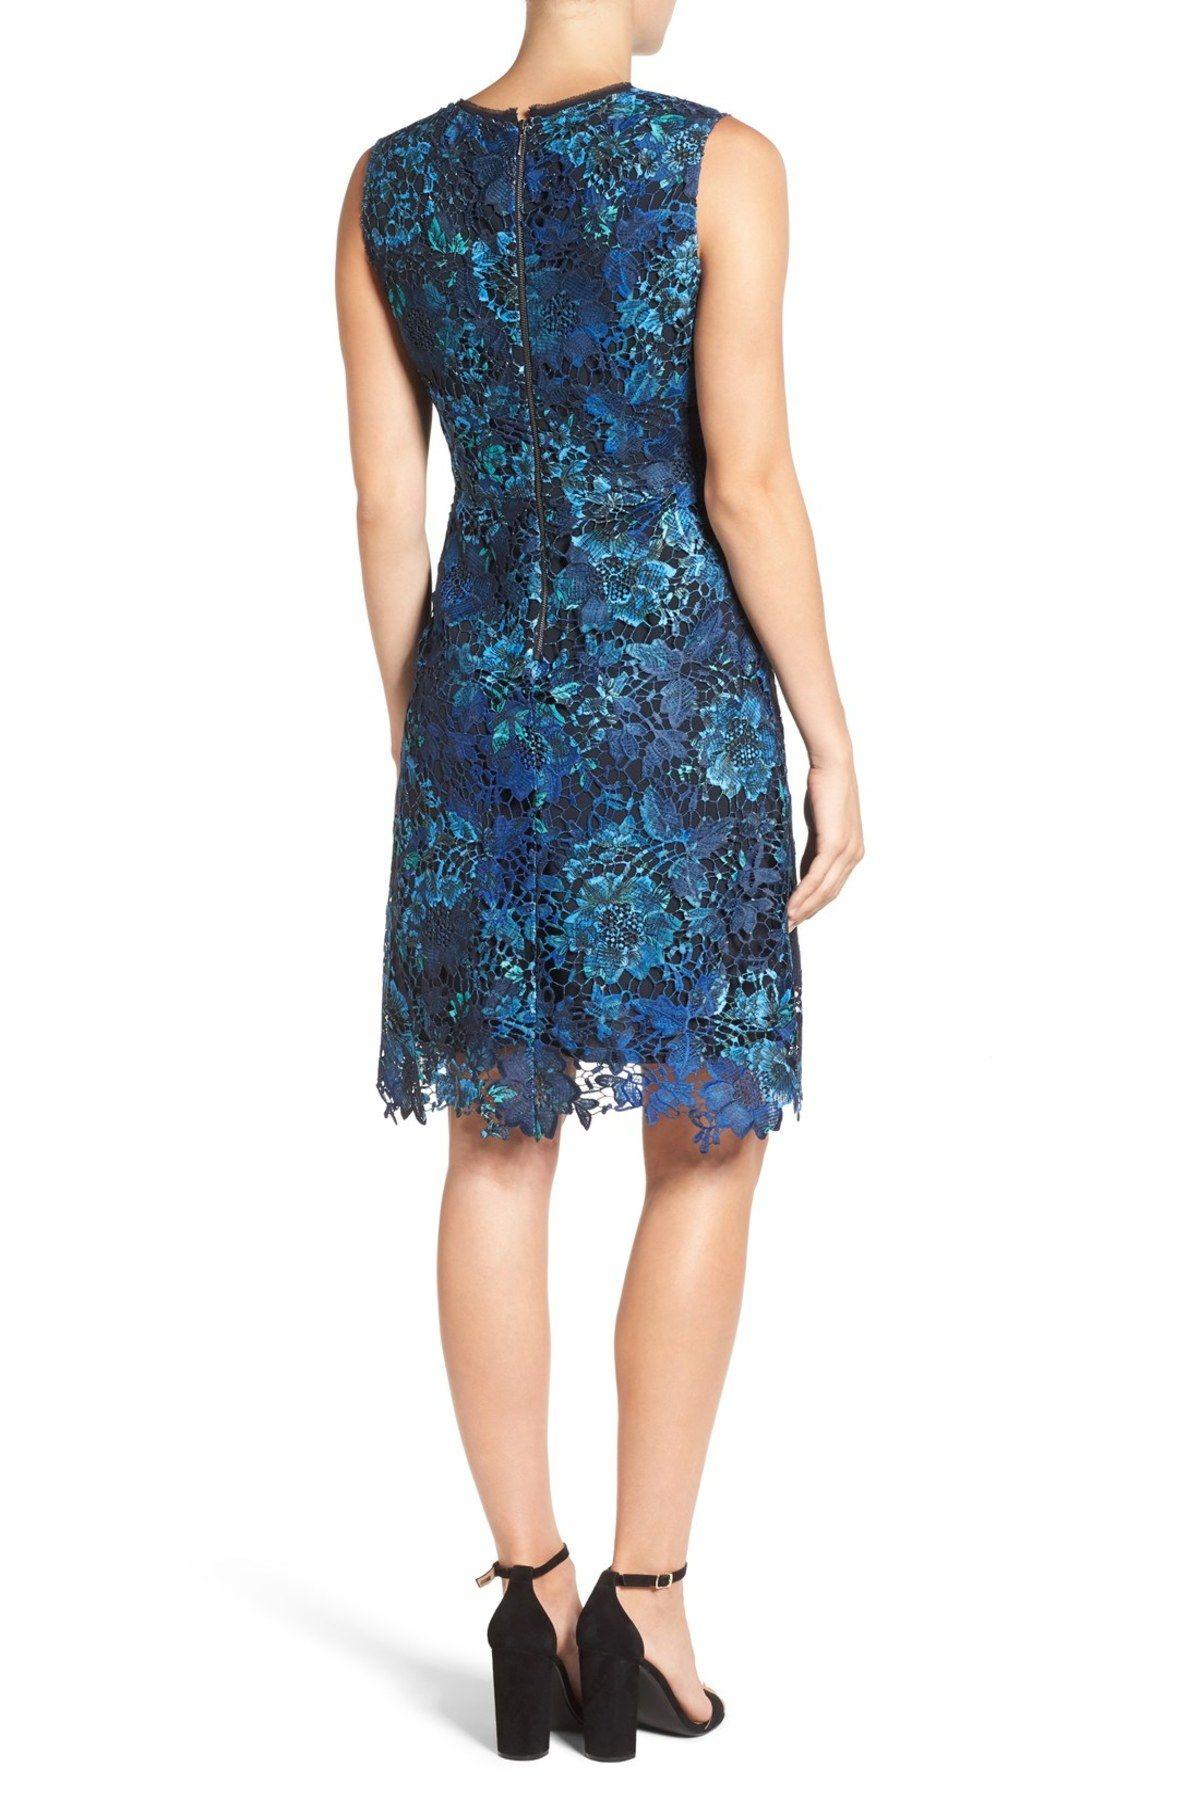 Elora A Line Lace Dress By T Tahari On Nordstrom Rack Lace Dress Dresses Nordstrom Dresses [ 1800 x 1200 Pixel ]